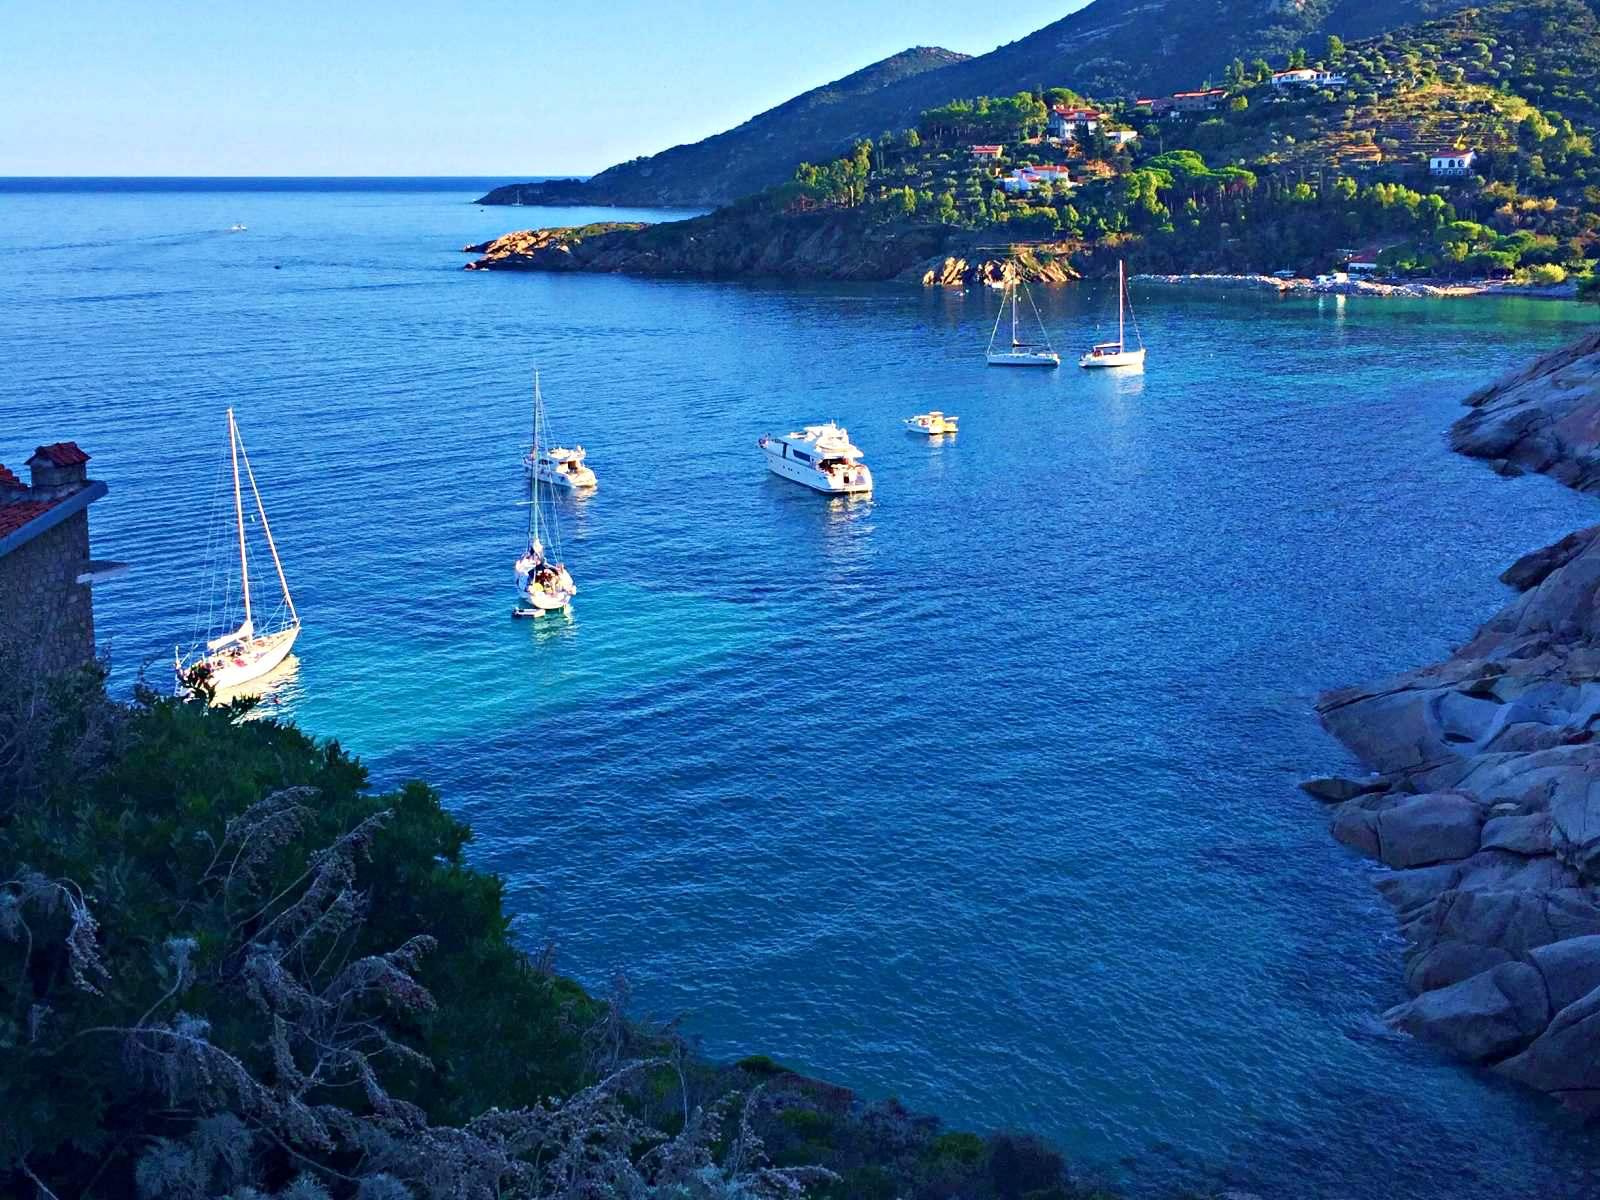 spiaggia delle cannelle isola del giglio vista dall'alto con barche in acqua cristallina